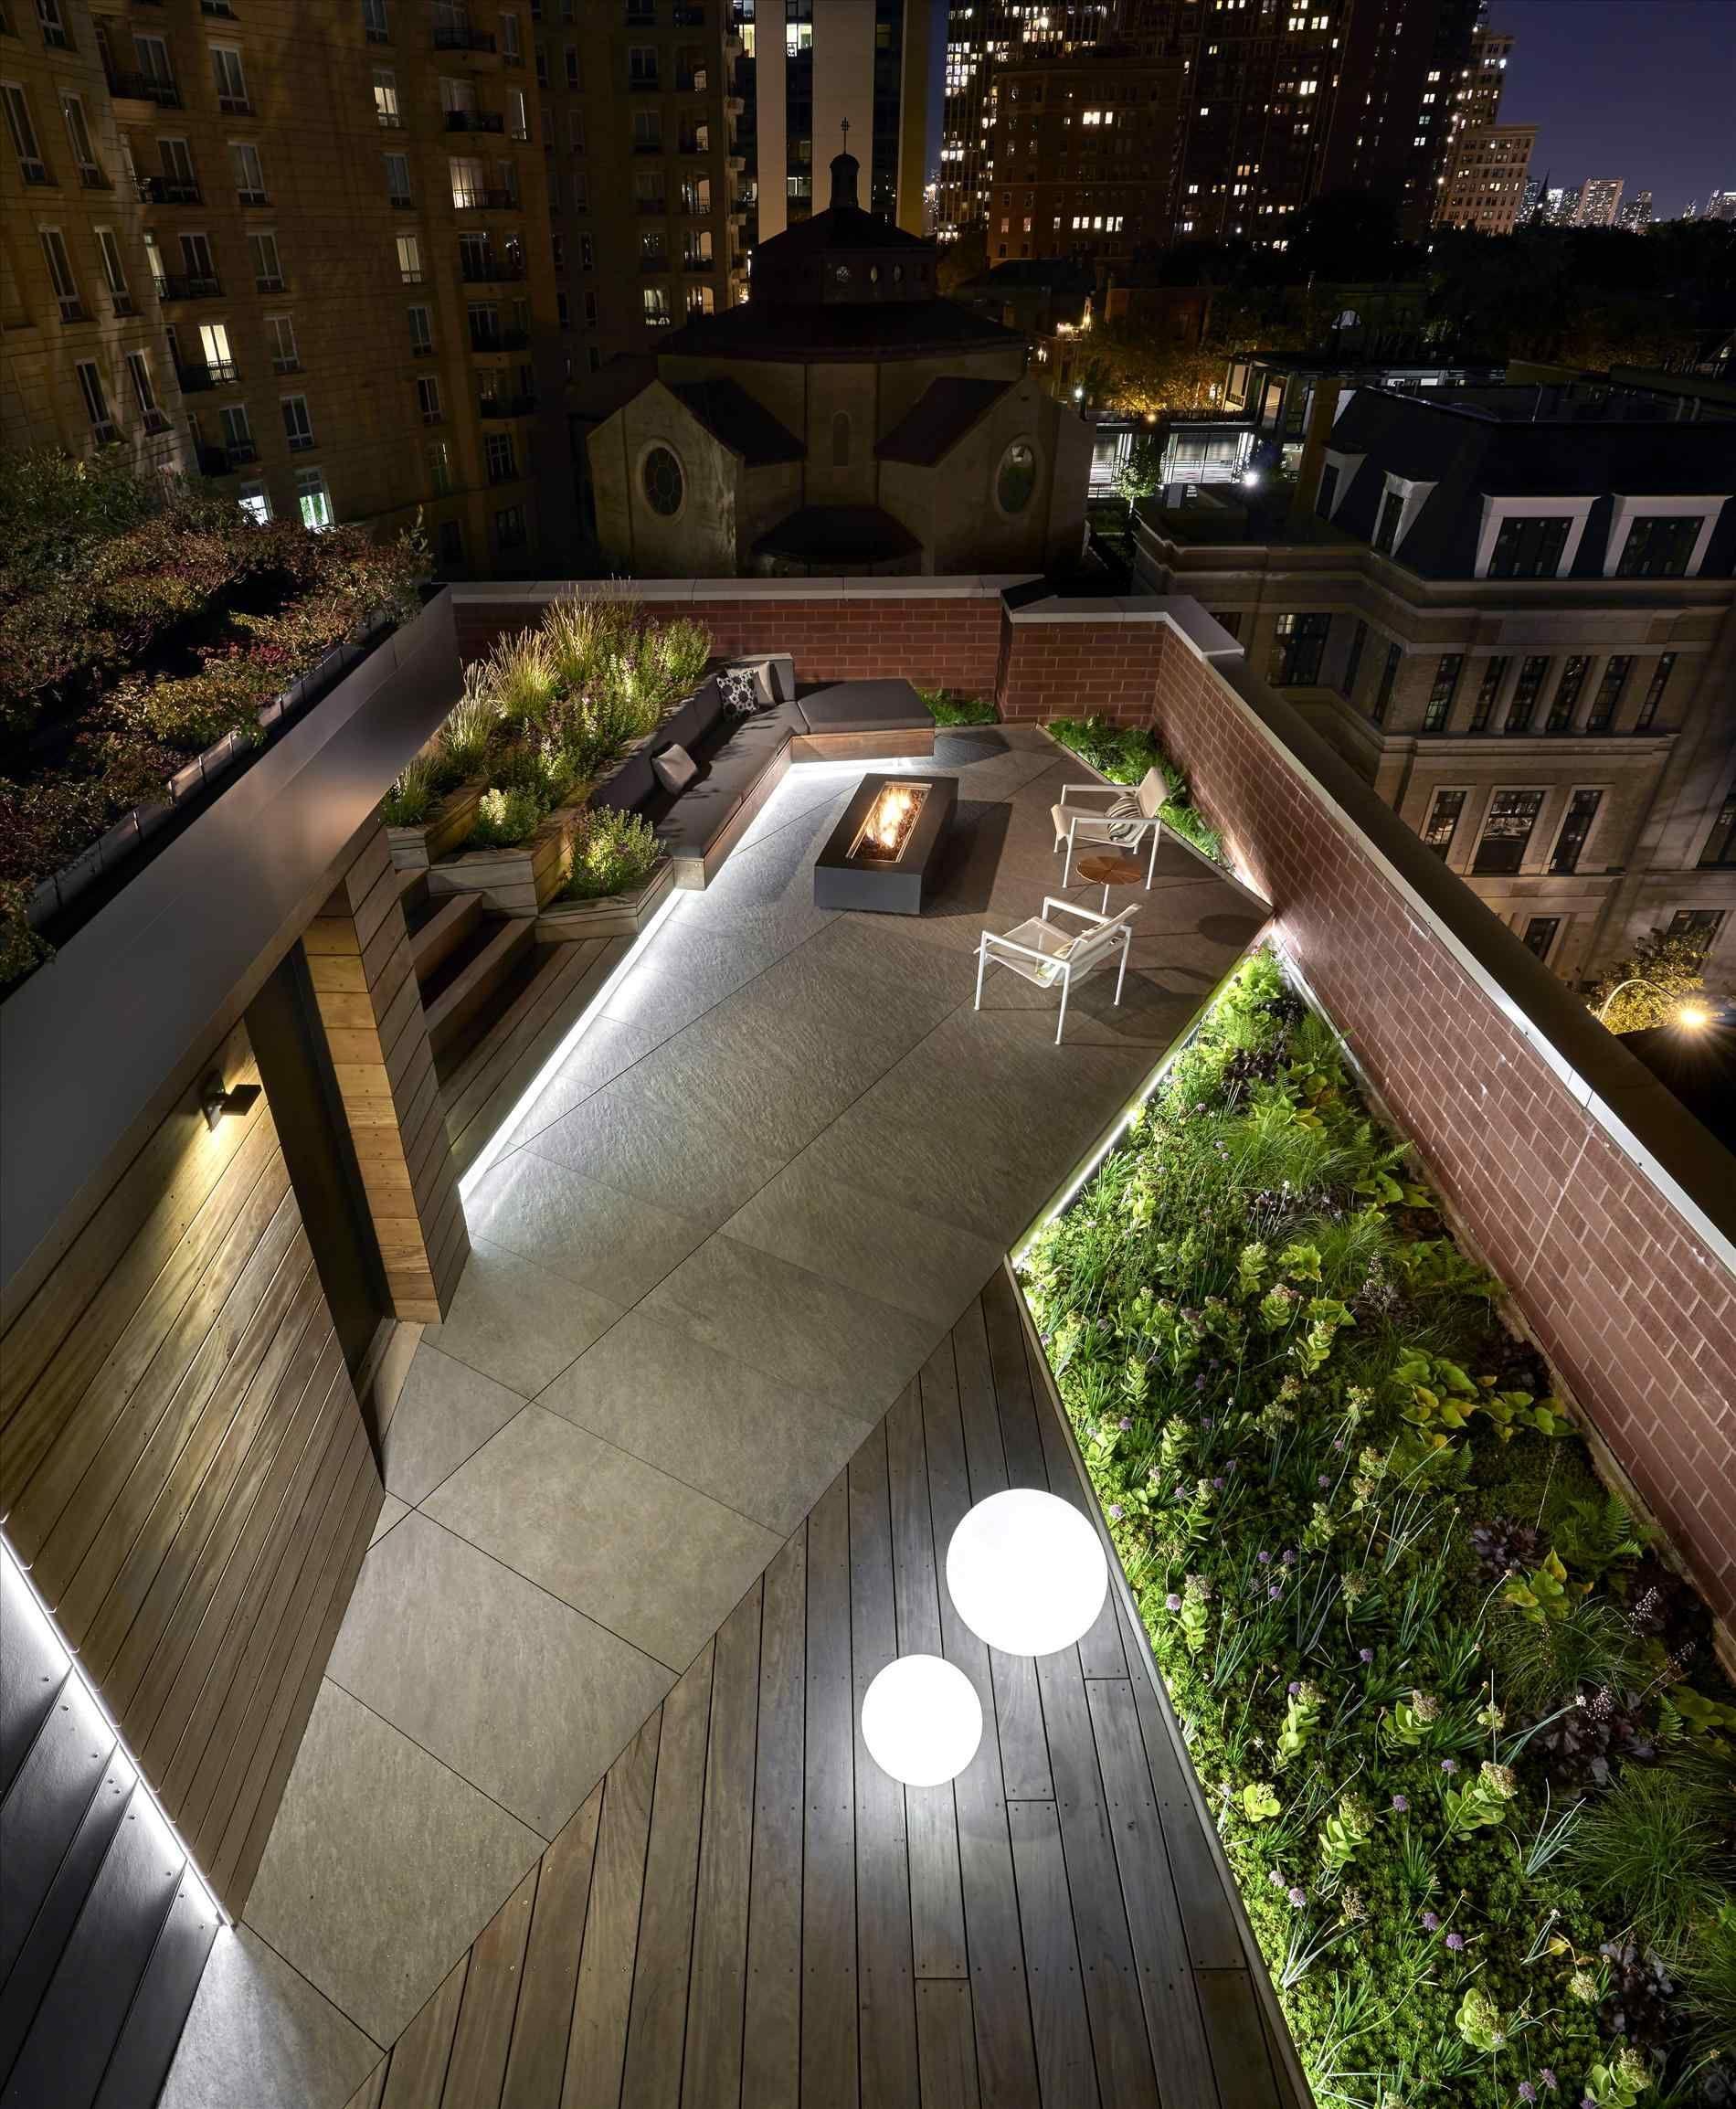 Green Roof Deck Roof Garden Design Rooftop Design Roof Terrace